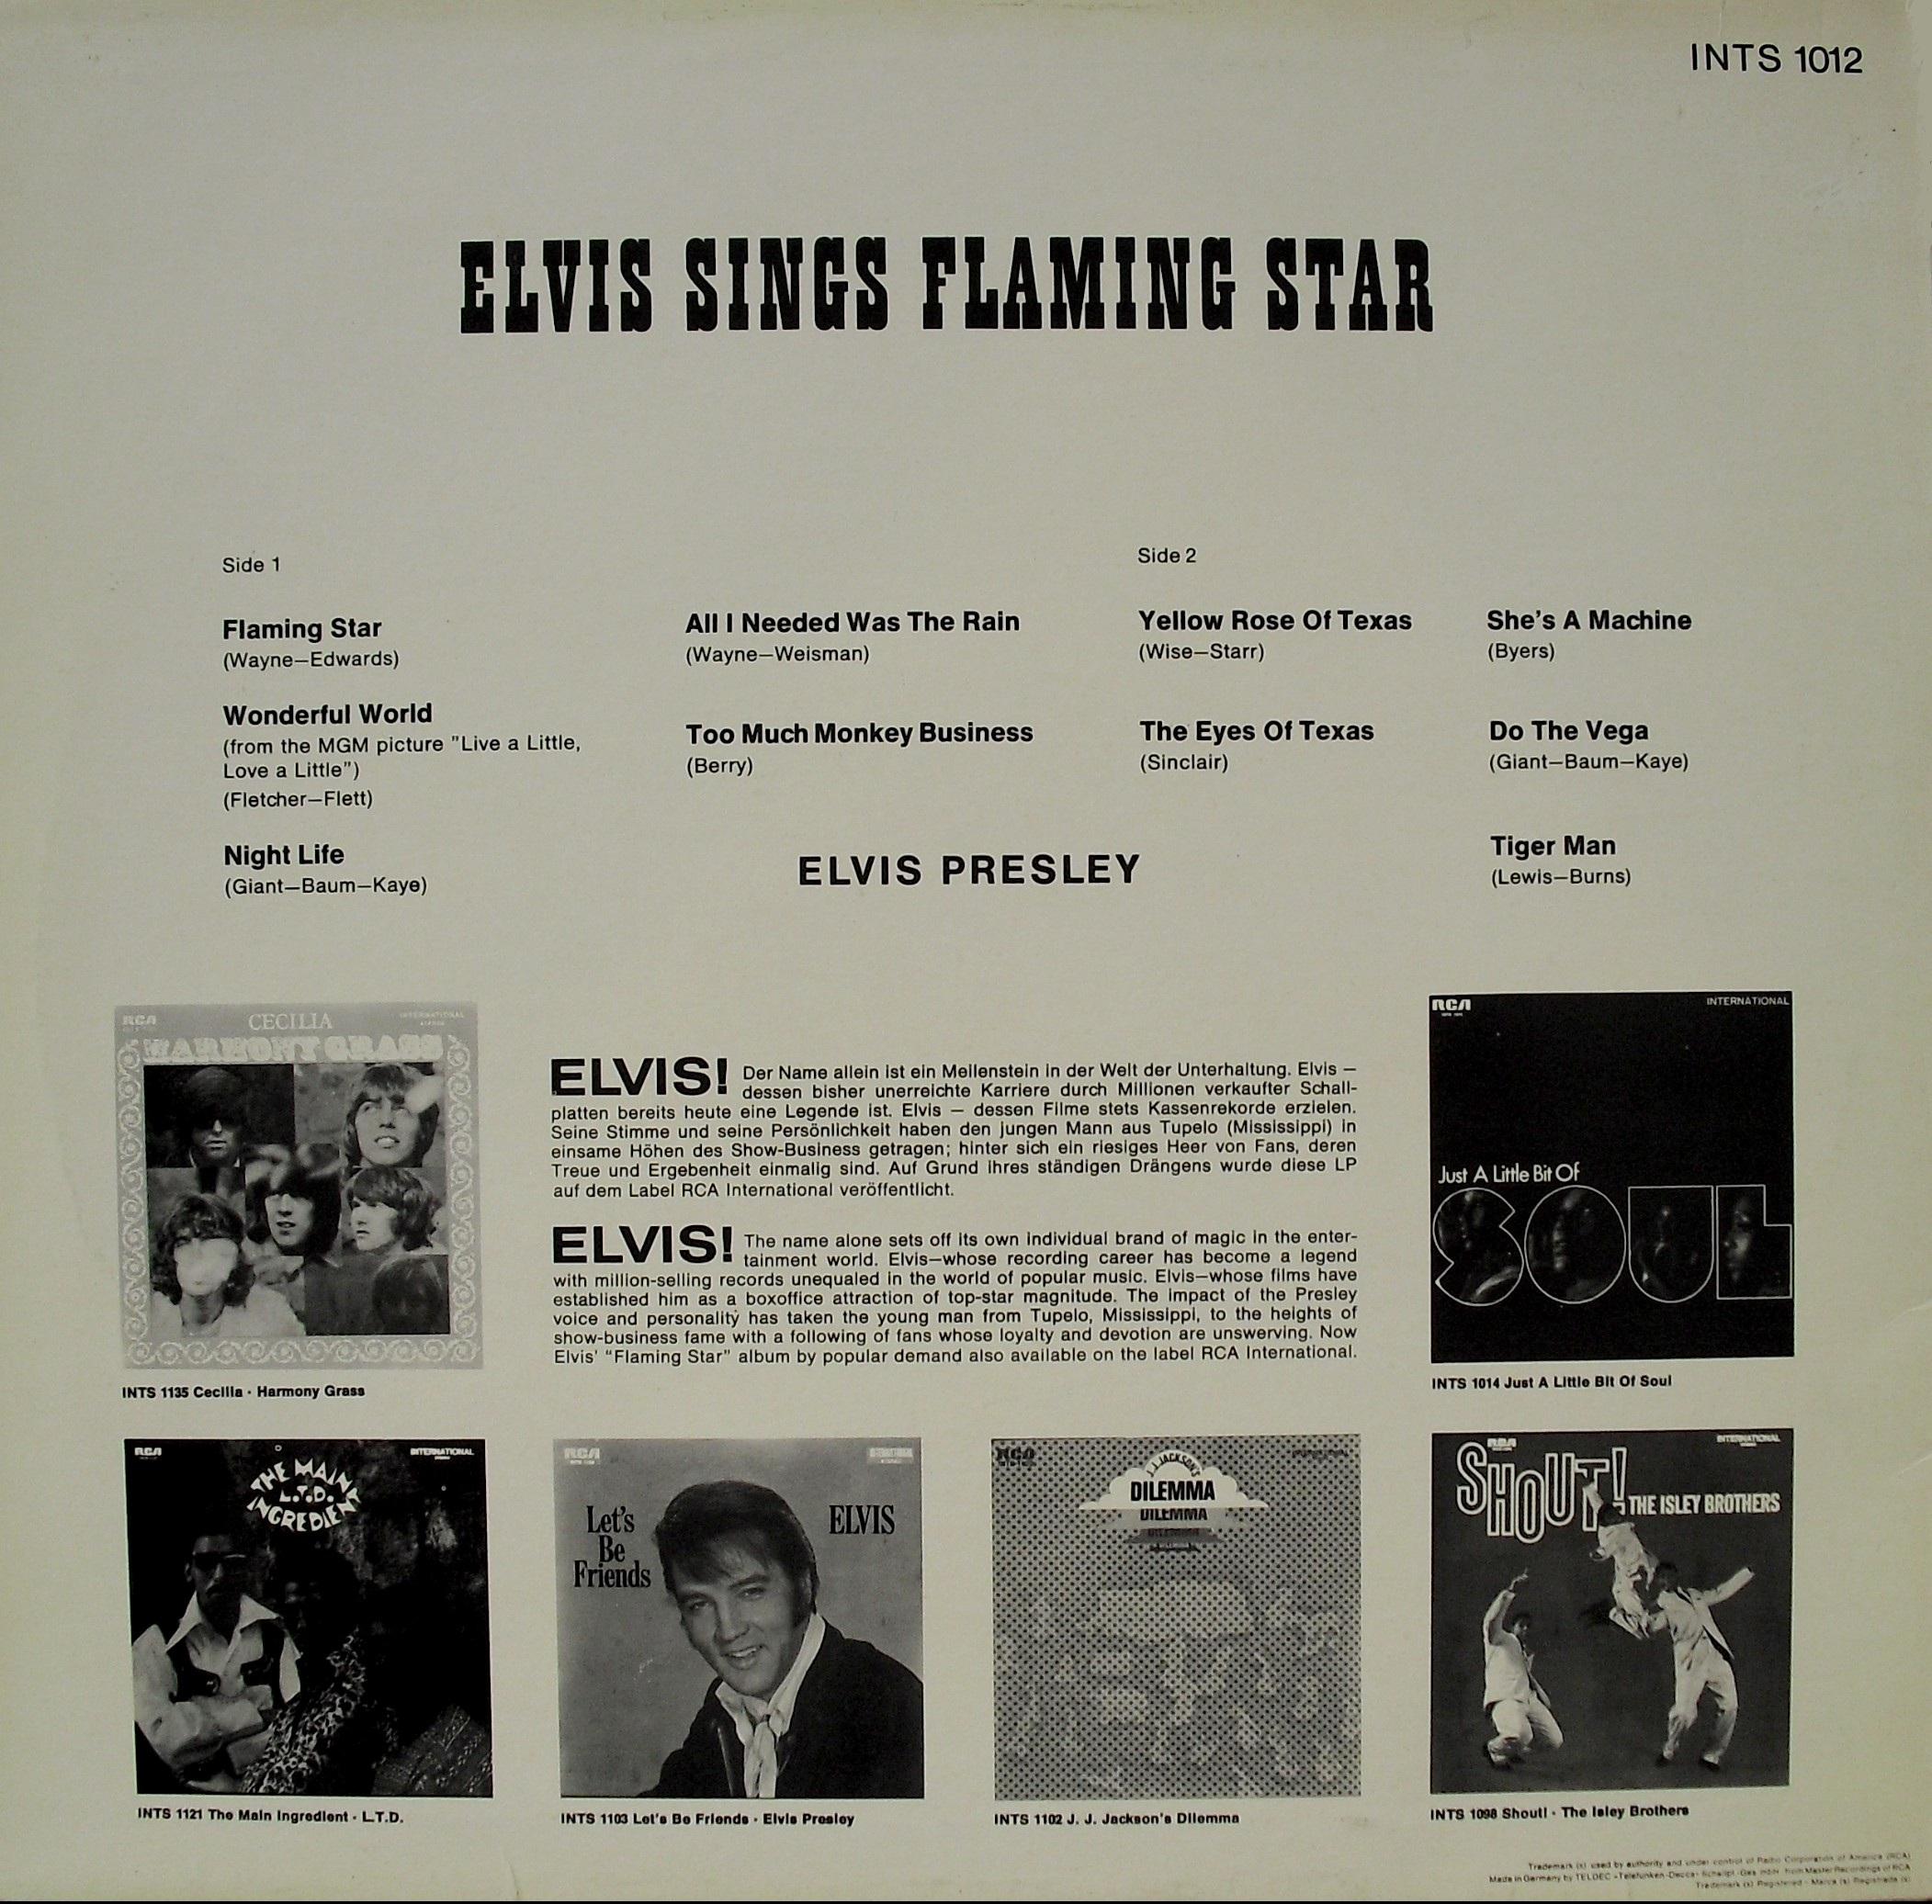 ELVIS SINGS FLAMING STAR 0082lu3y